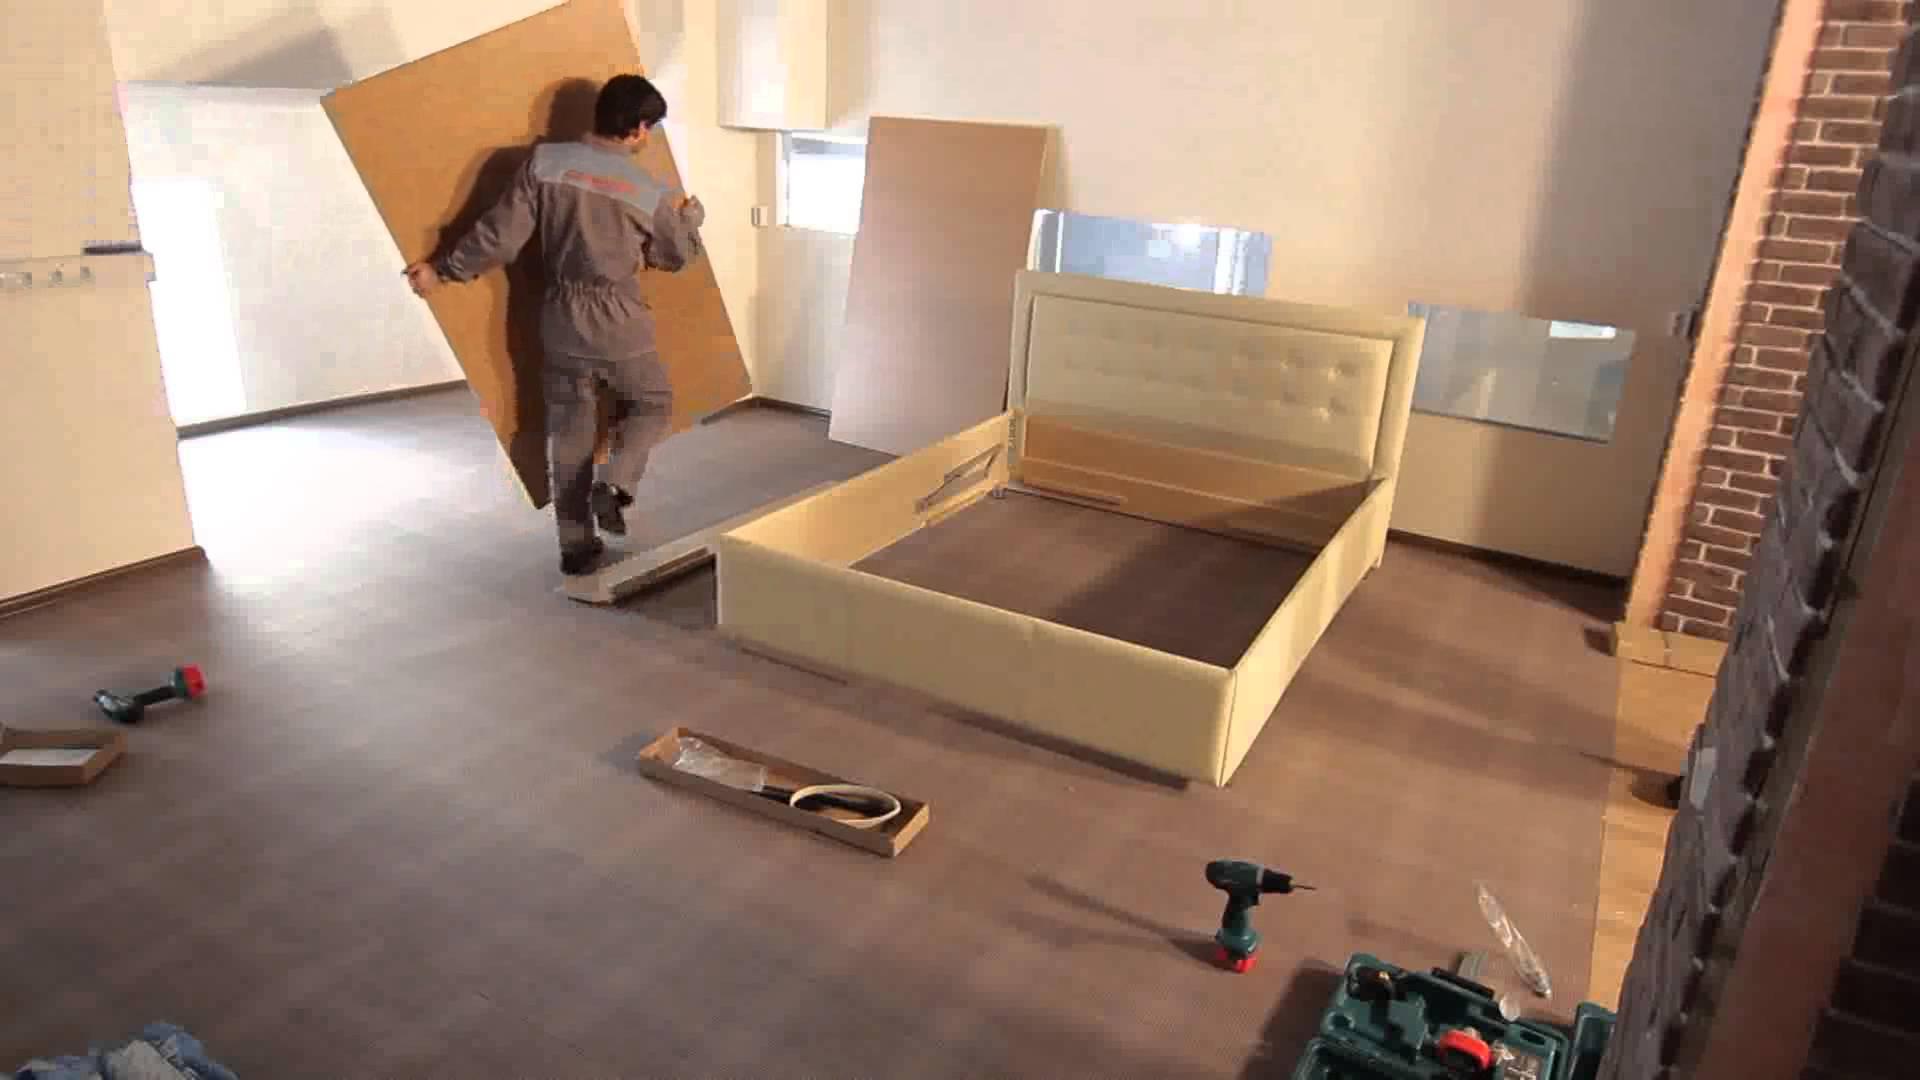 Благодаря правильному выбору обивочного материала ваша кровать или выдвижной диван будут не только удобными, но и красивыми